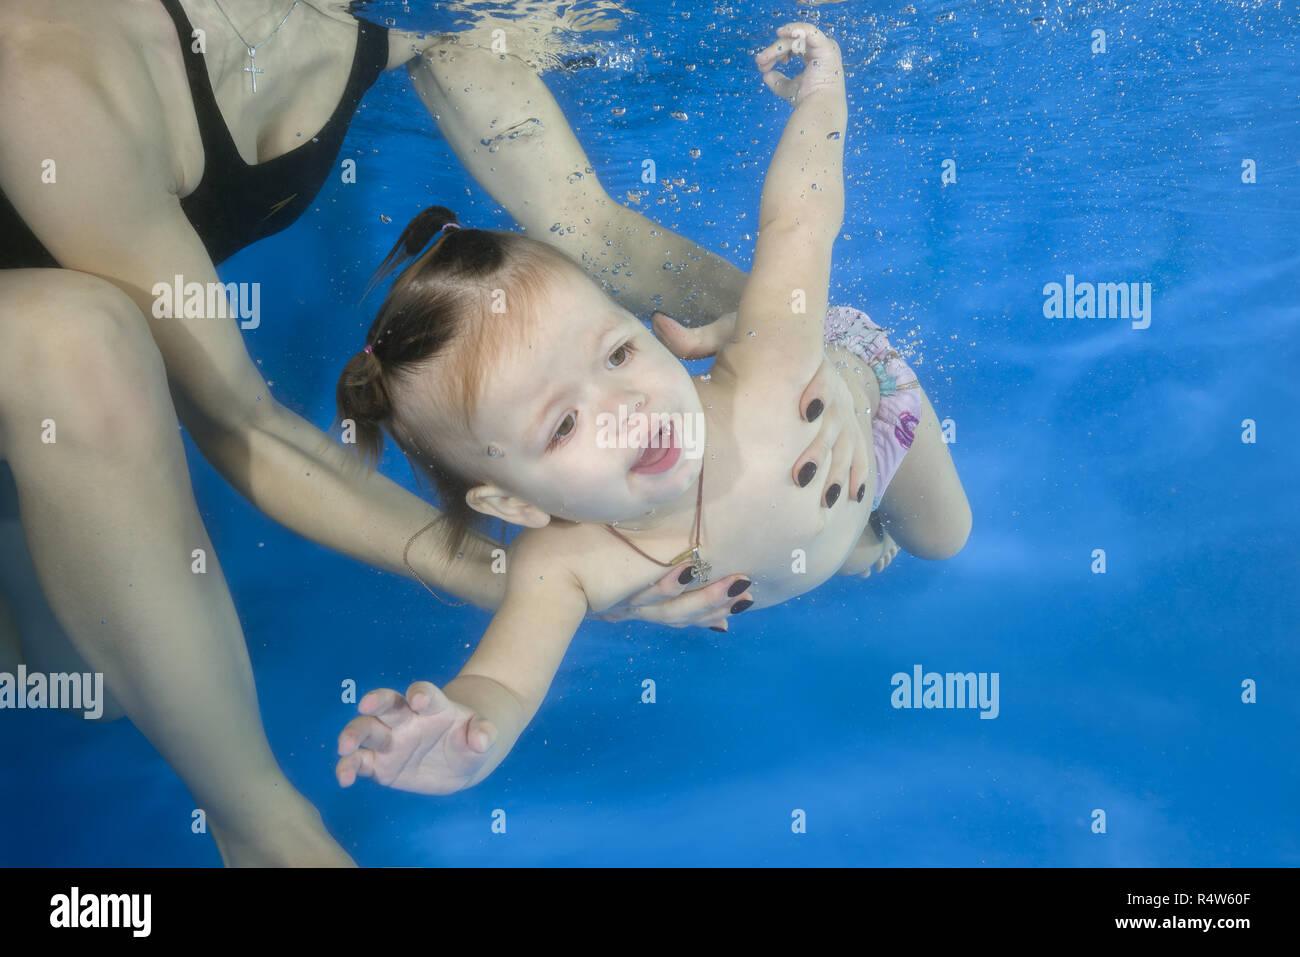 Little Girl Learning Swim Swimming Stock Photos Amp Little Girl Learning Swim Swimming Stock